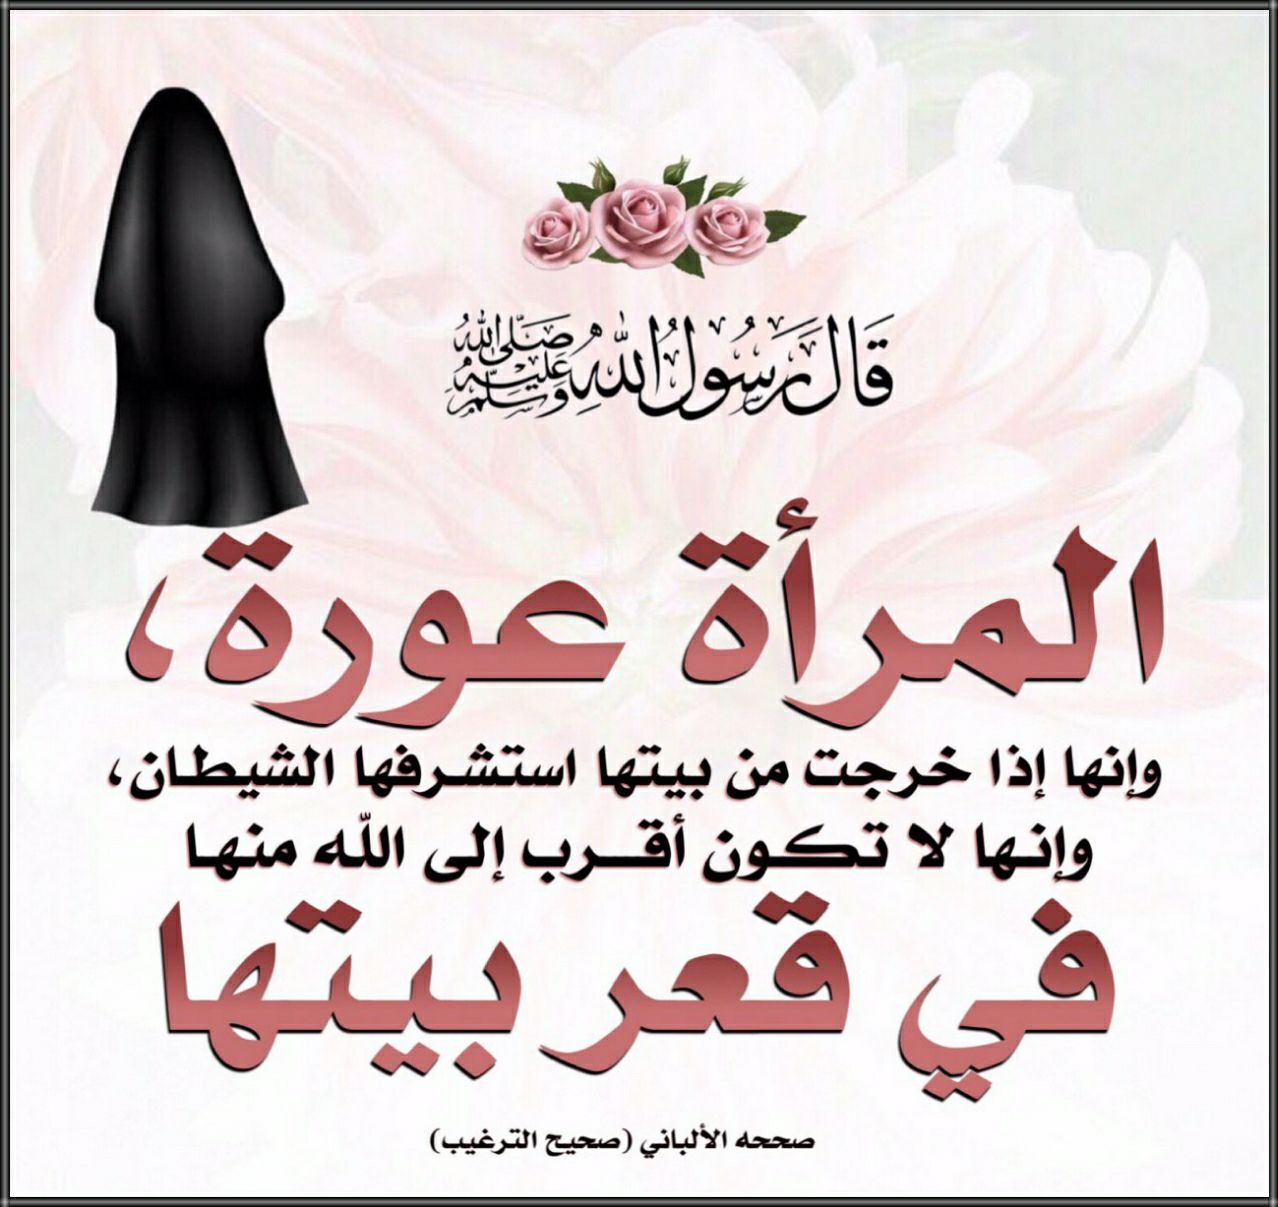 Pin By الأثر الجميل On أحاديث نبوية Islam Facts Islamic Quotes Quran Ahadith